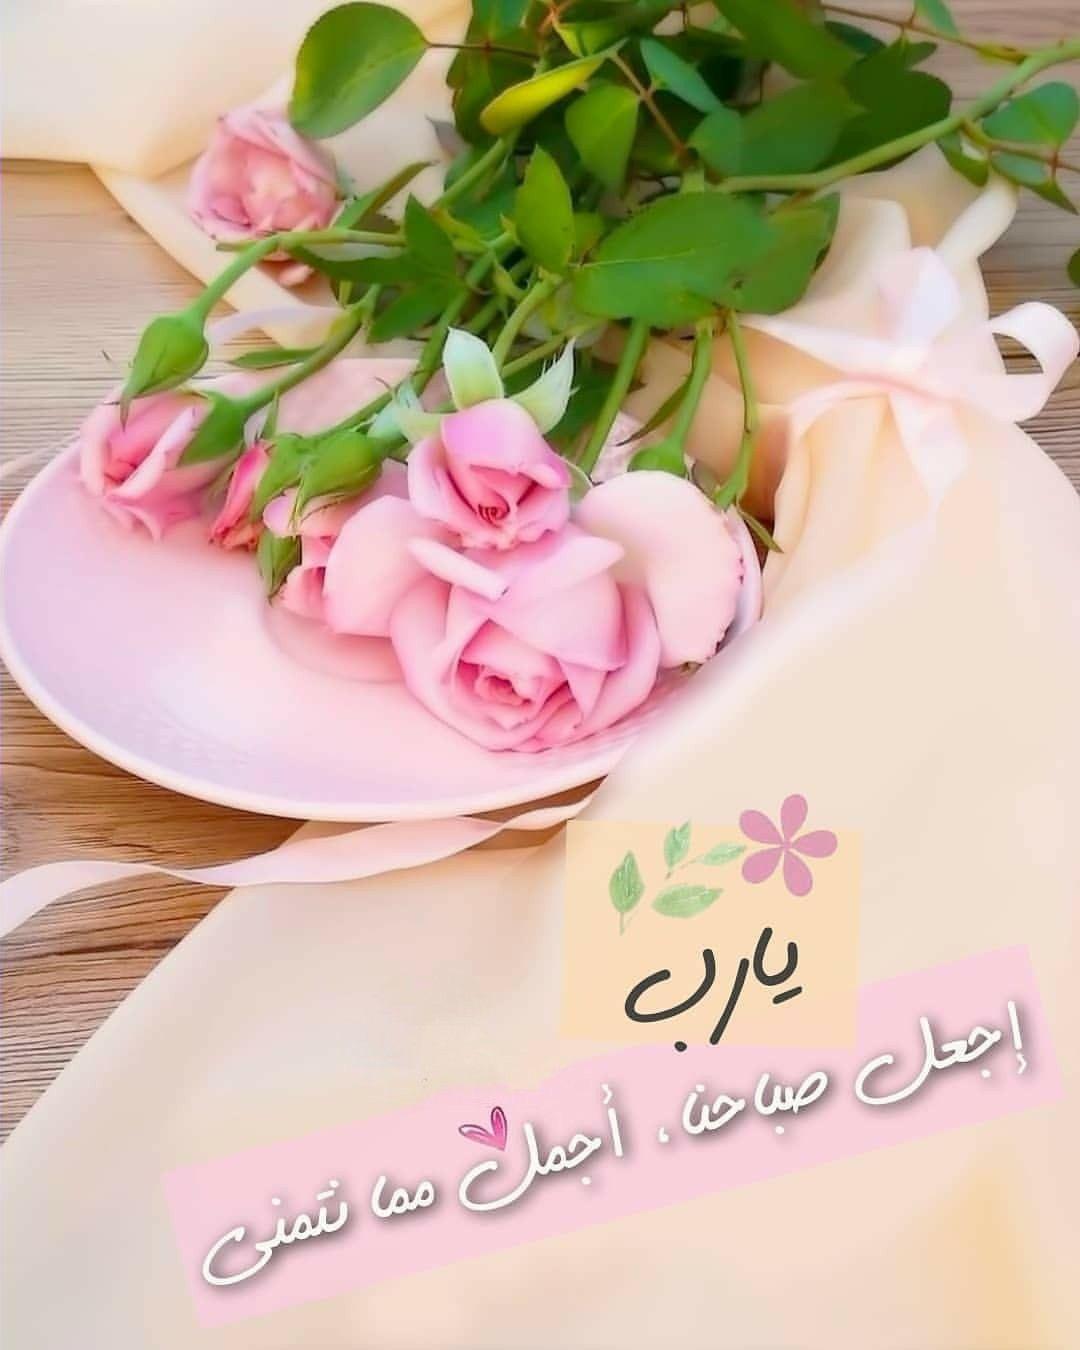 Pin By I Love U On صباحكم جميل كابتسامتكم Beautiful Morning Messages Morning Quotes Morning Messages